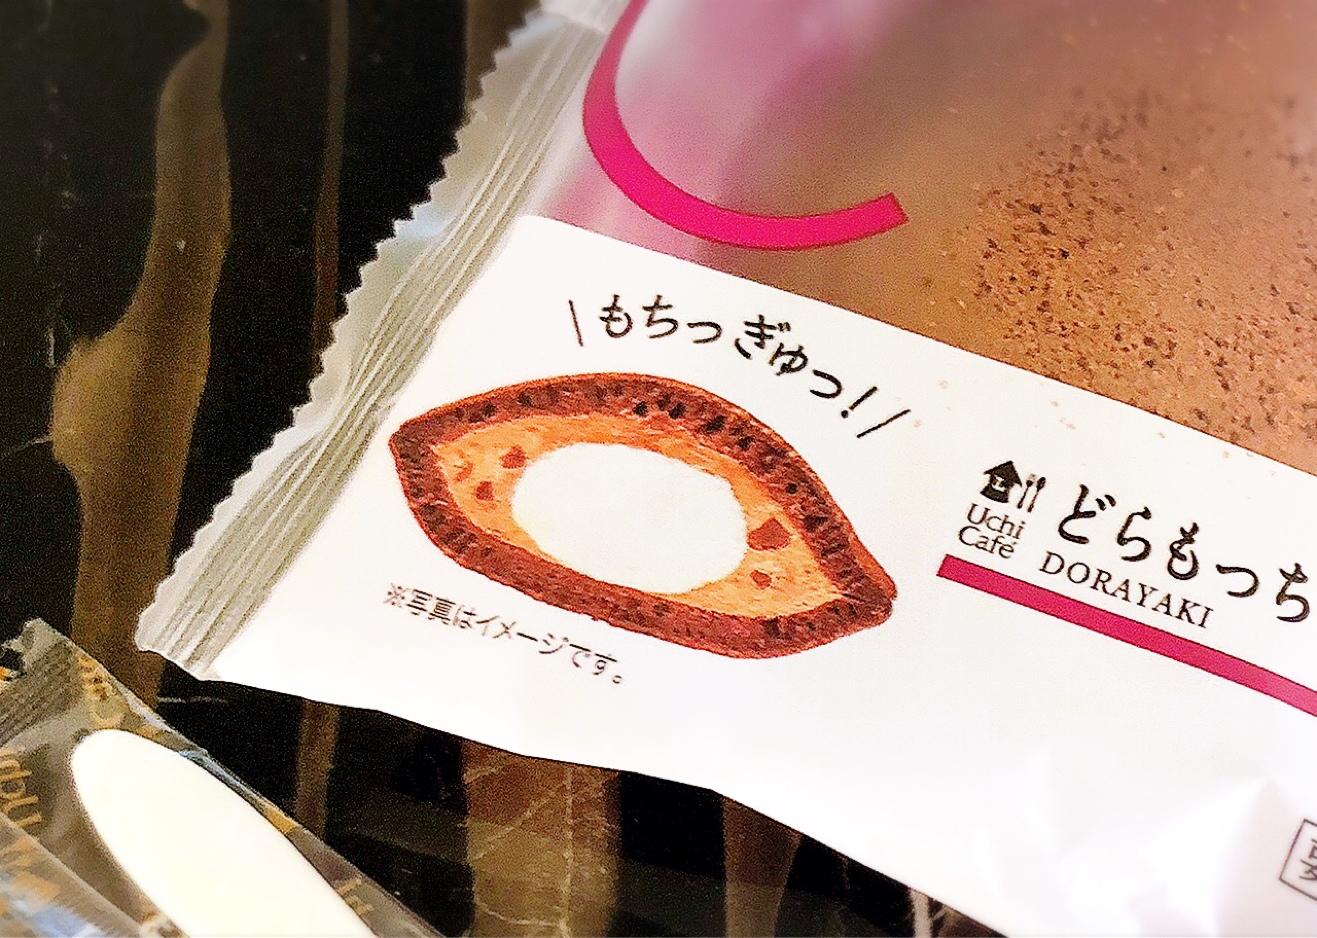 【#ローソンスイーツ】1/12〜新発売のどらもっちパリチョコチップ&ミルク♡コスパ最強の幸福感を(*´꒳`*)_3